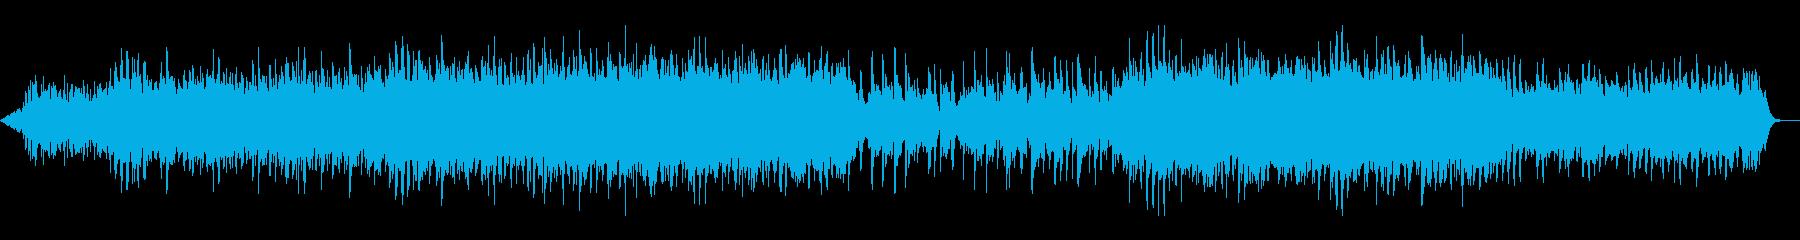 チェロとシンセがメロディの落ち着く曲の再生済みの波形